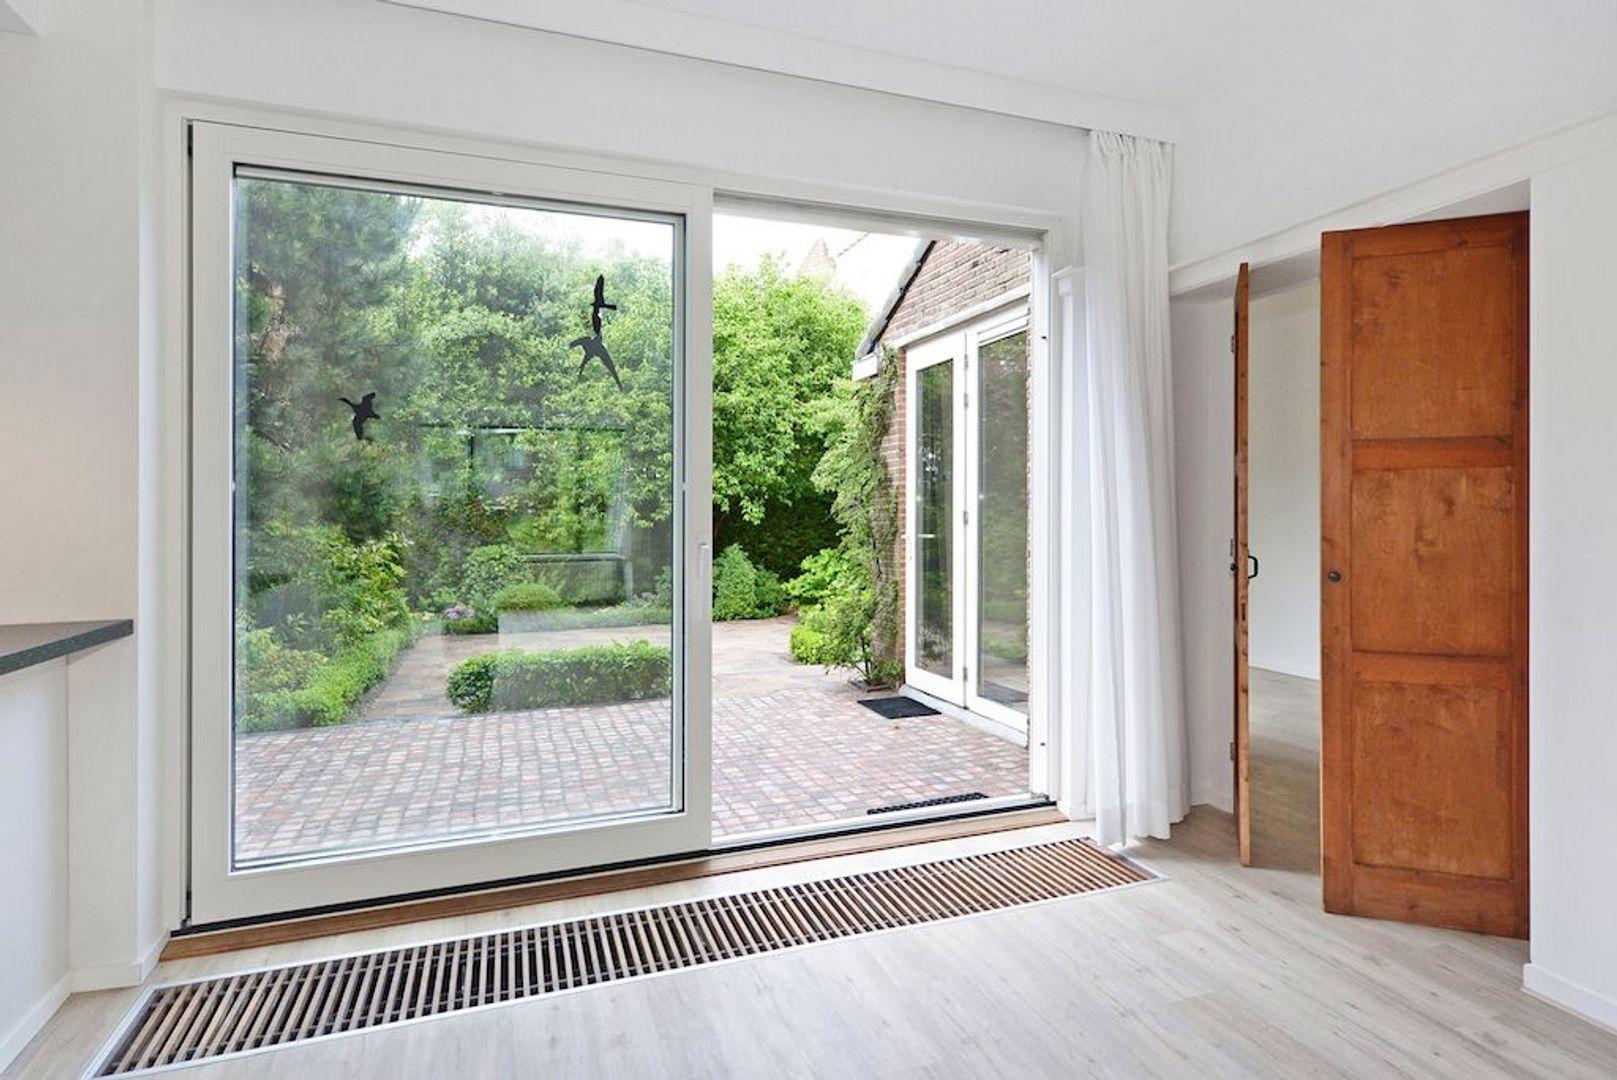 Ruys de Beerenbrouckstraat 8, Delft foto-23